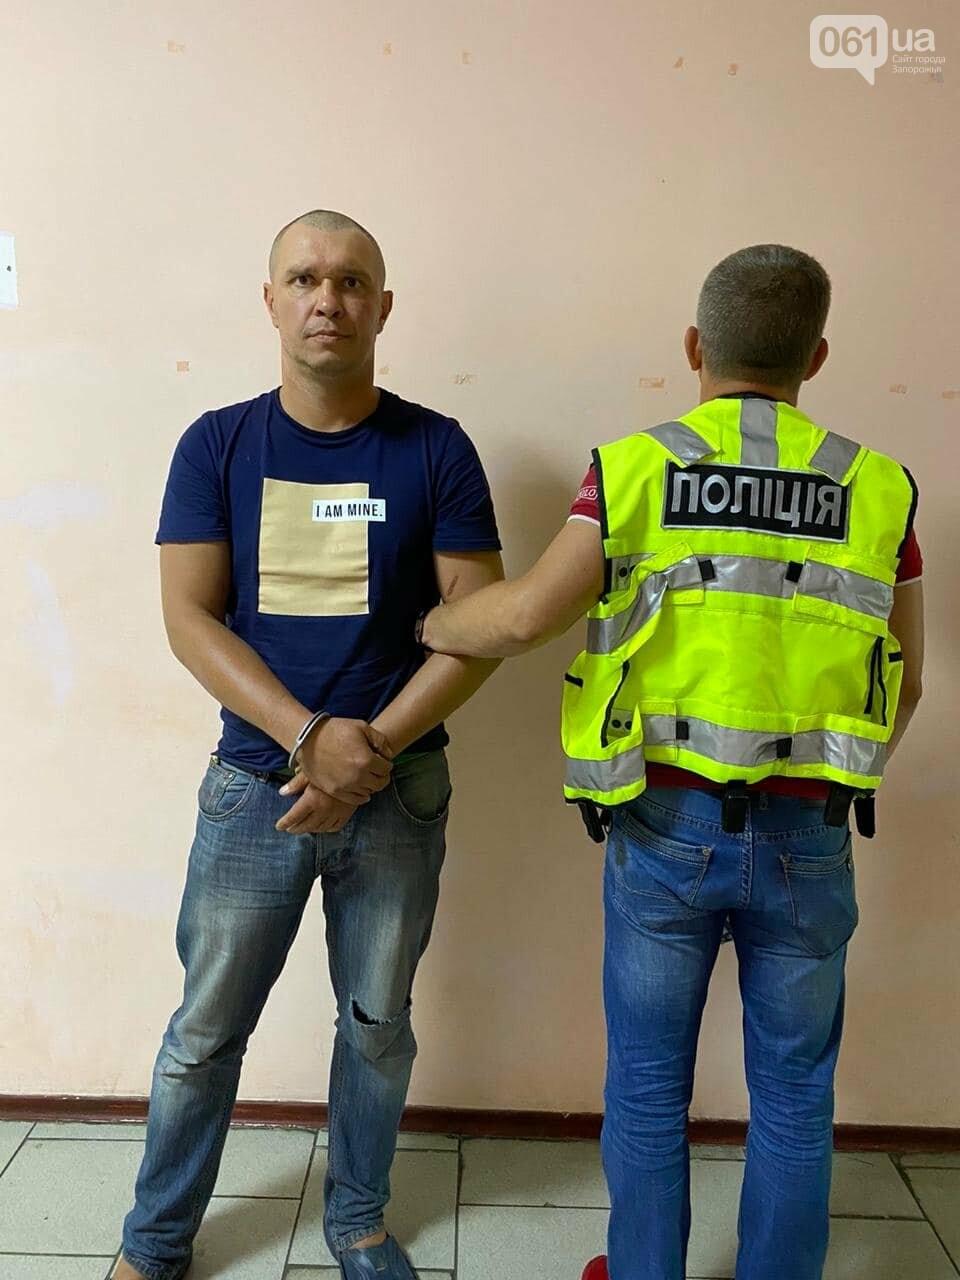 Уроженец Запорожья избил и пытался изнасиловать в купе пассажирку поезда , фото-1